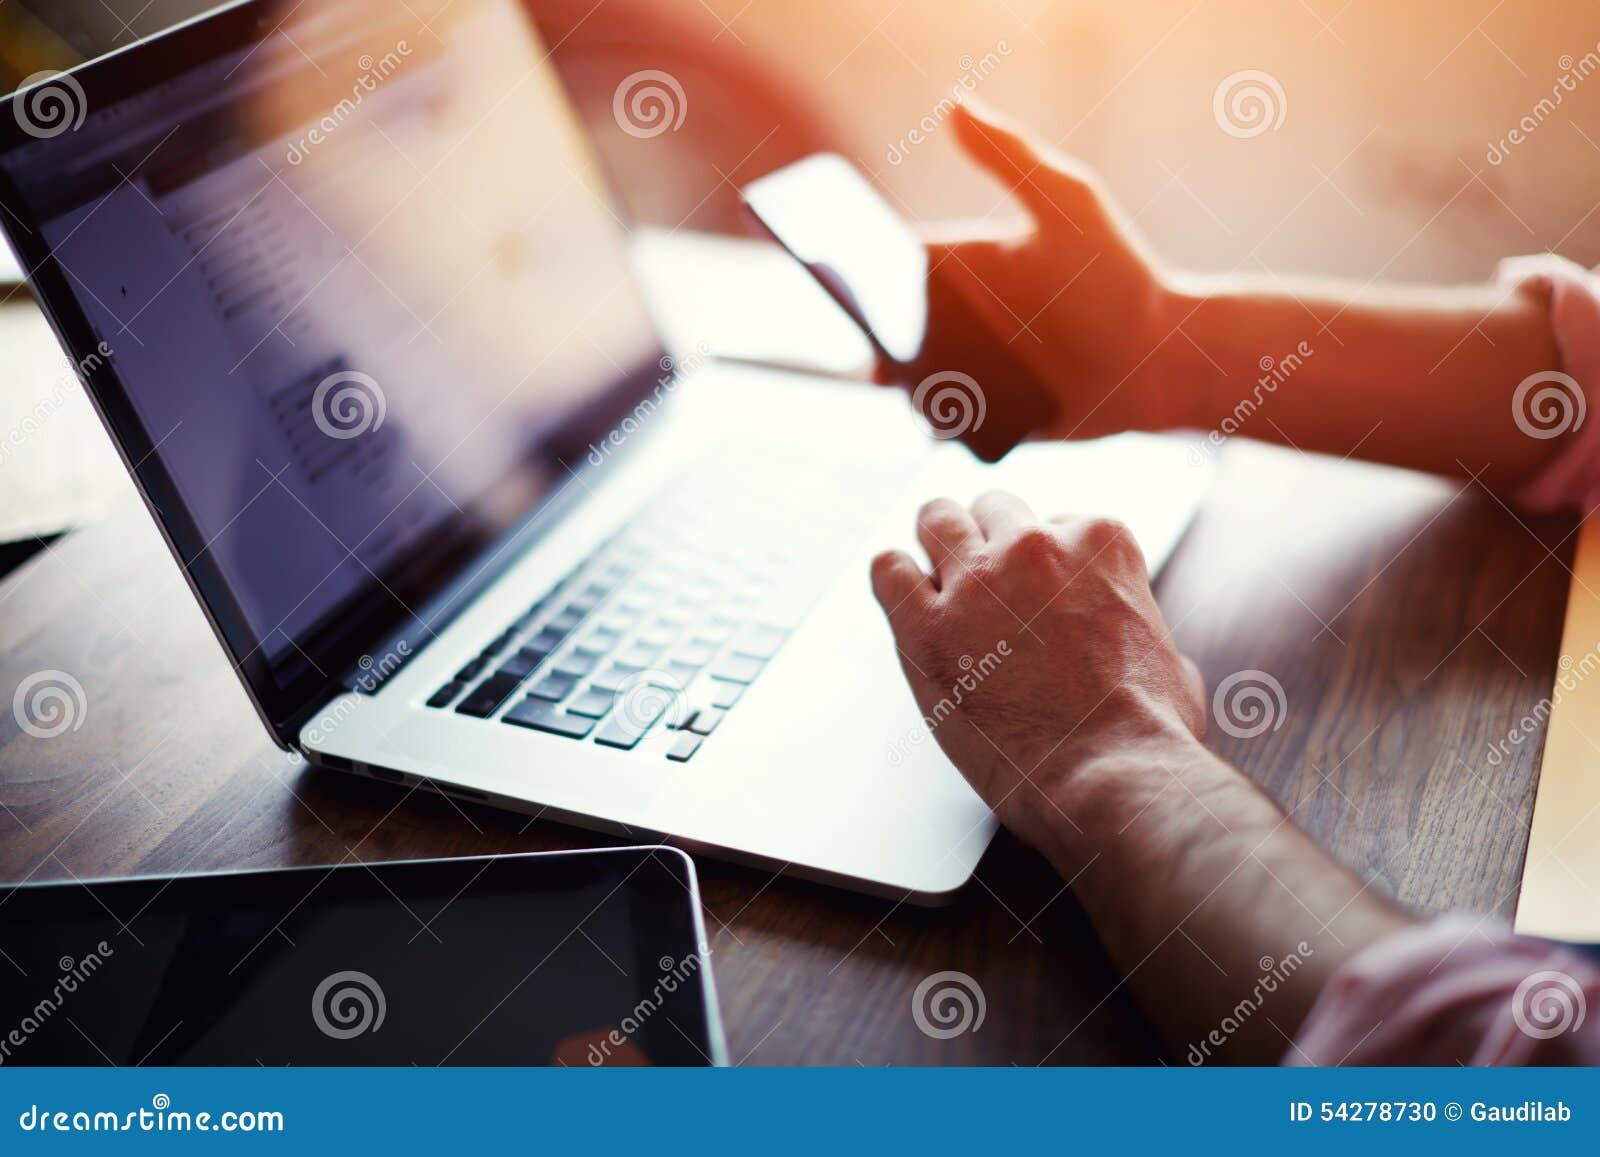 商人背面图递繁忙使用手机在办公桌